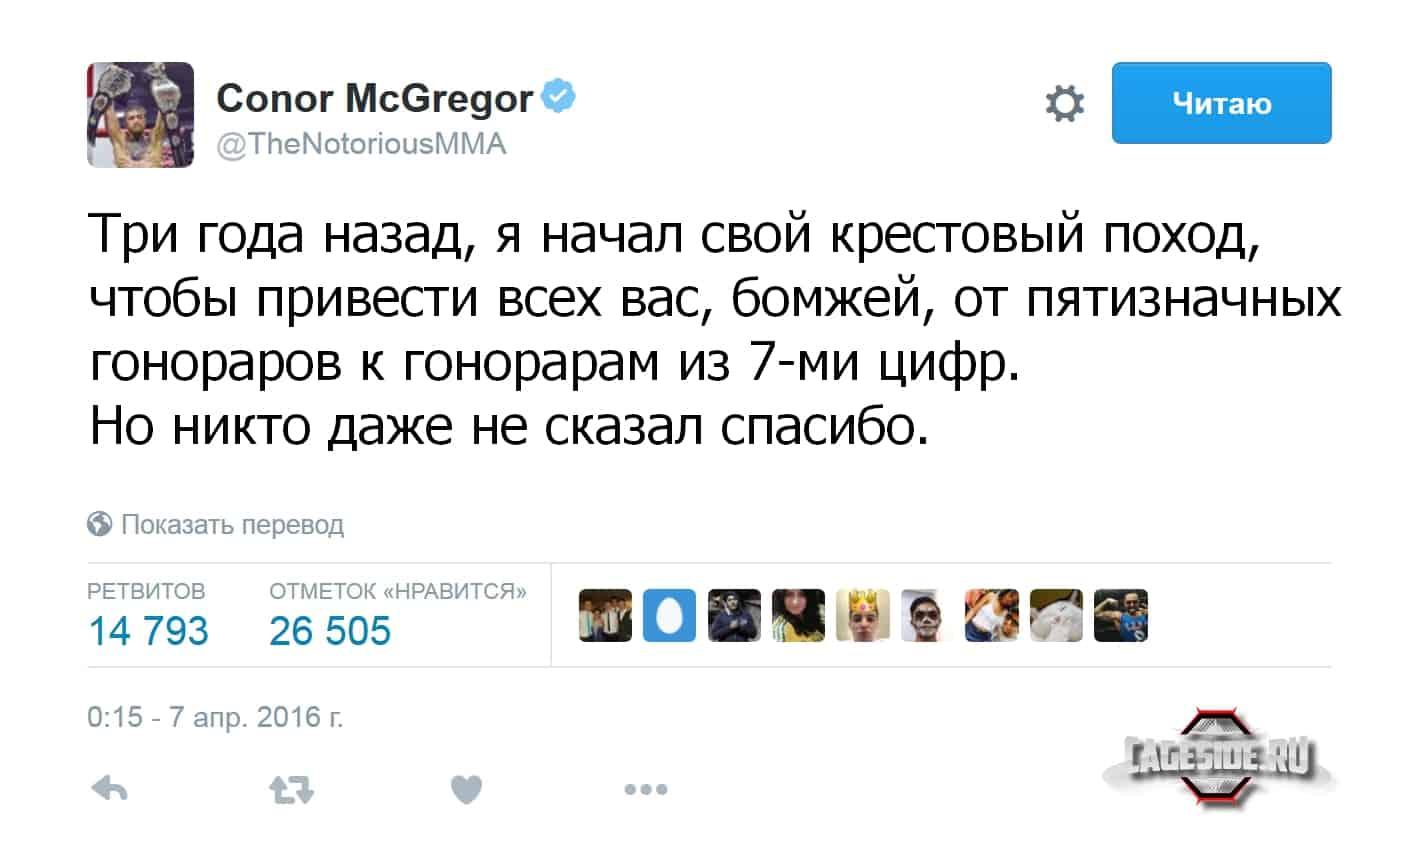 Конор Твит